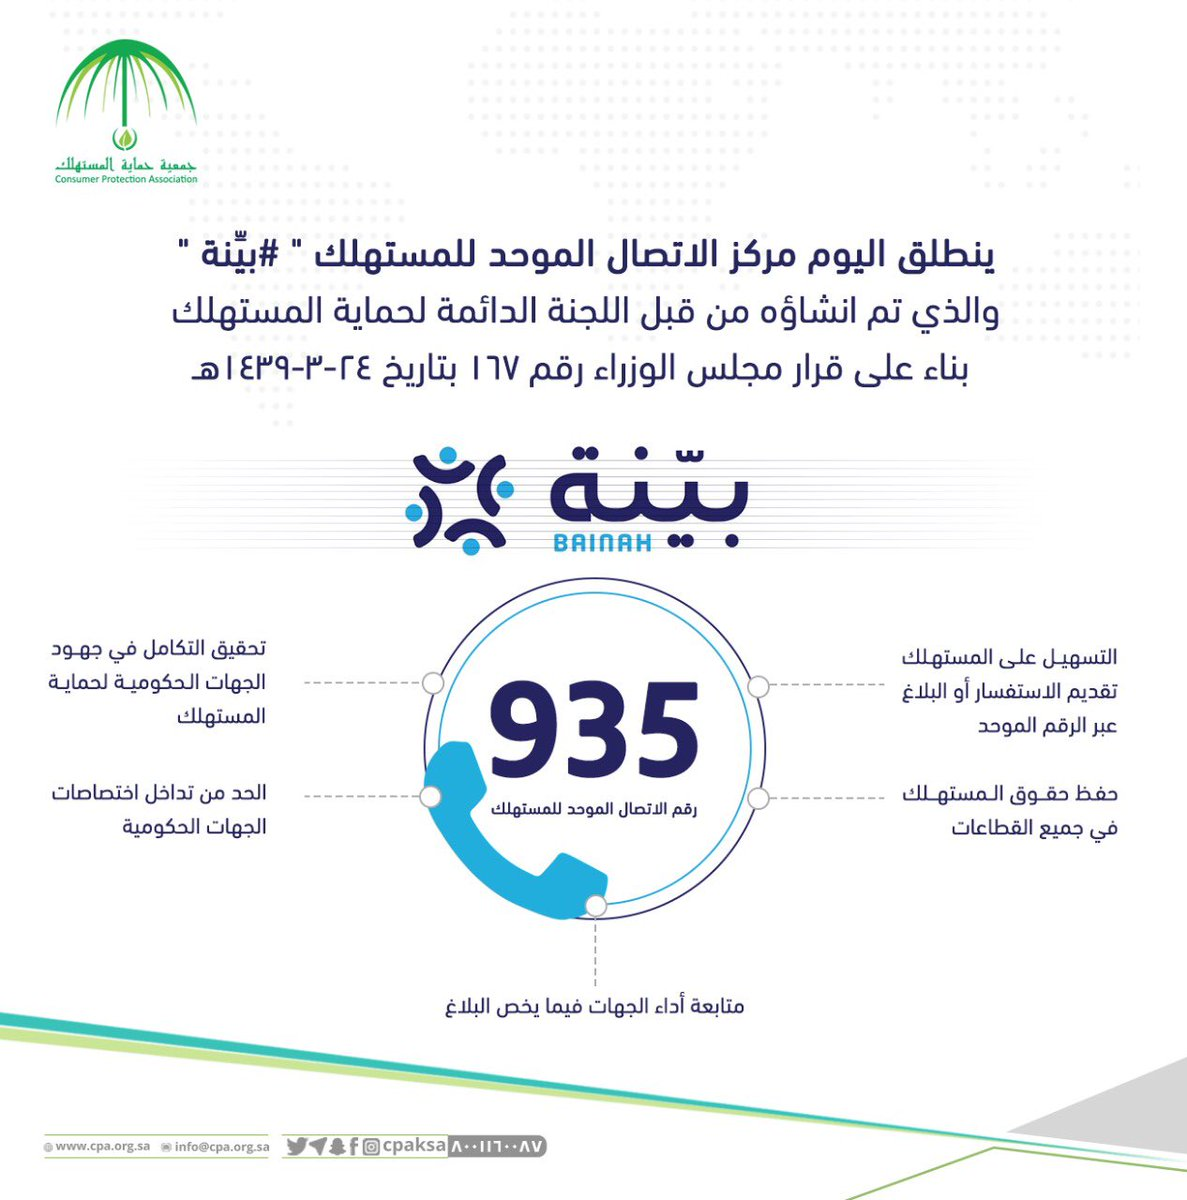 رقم حماية المستهلك السعودية